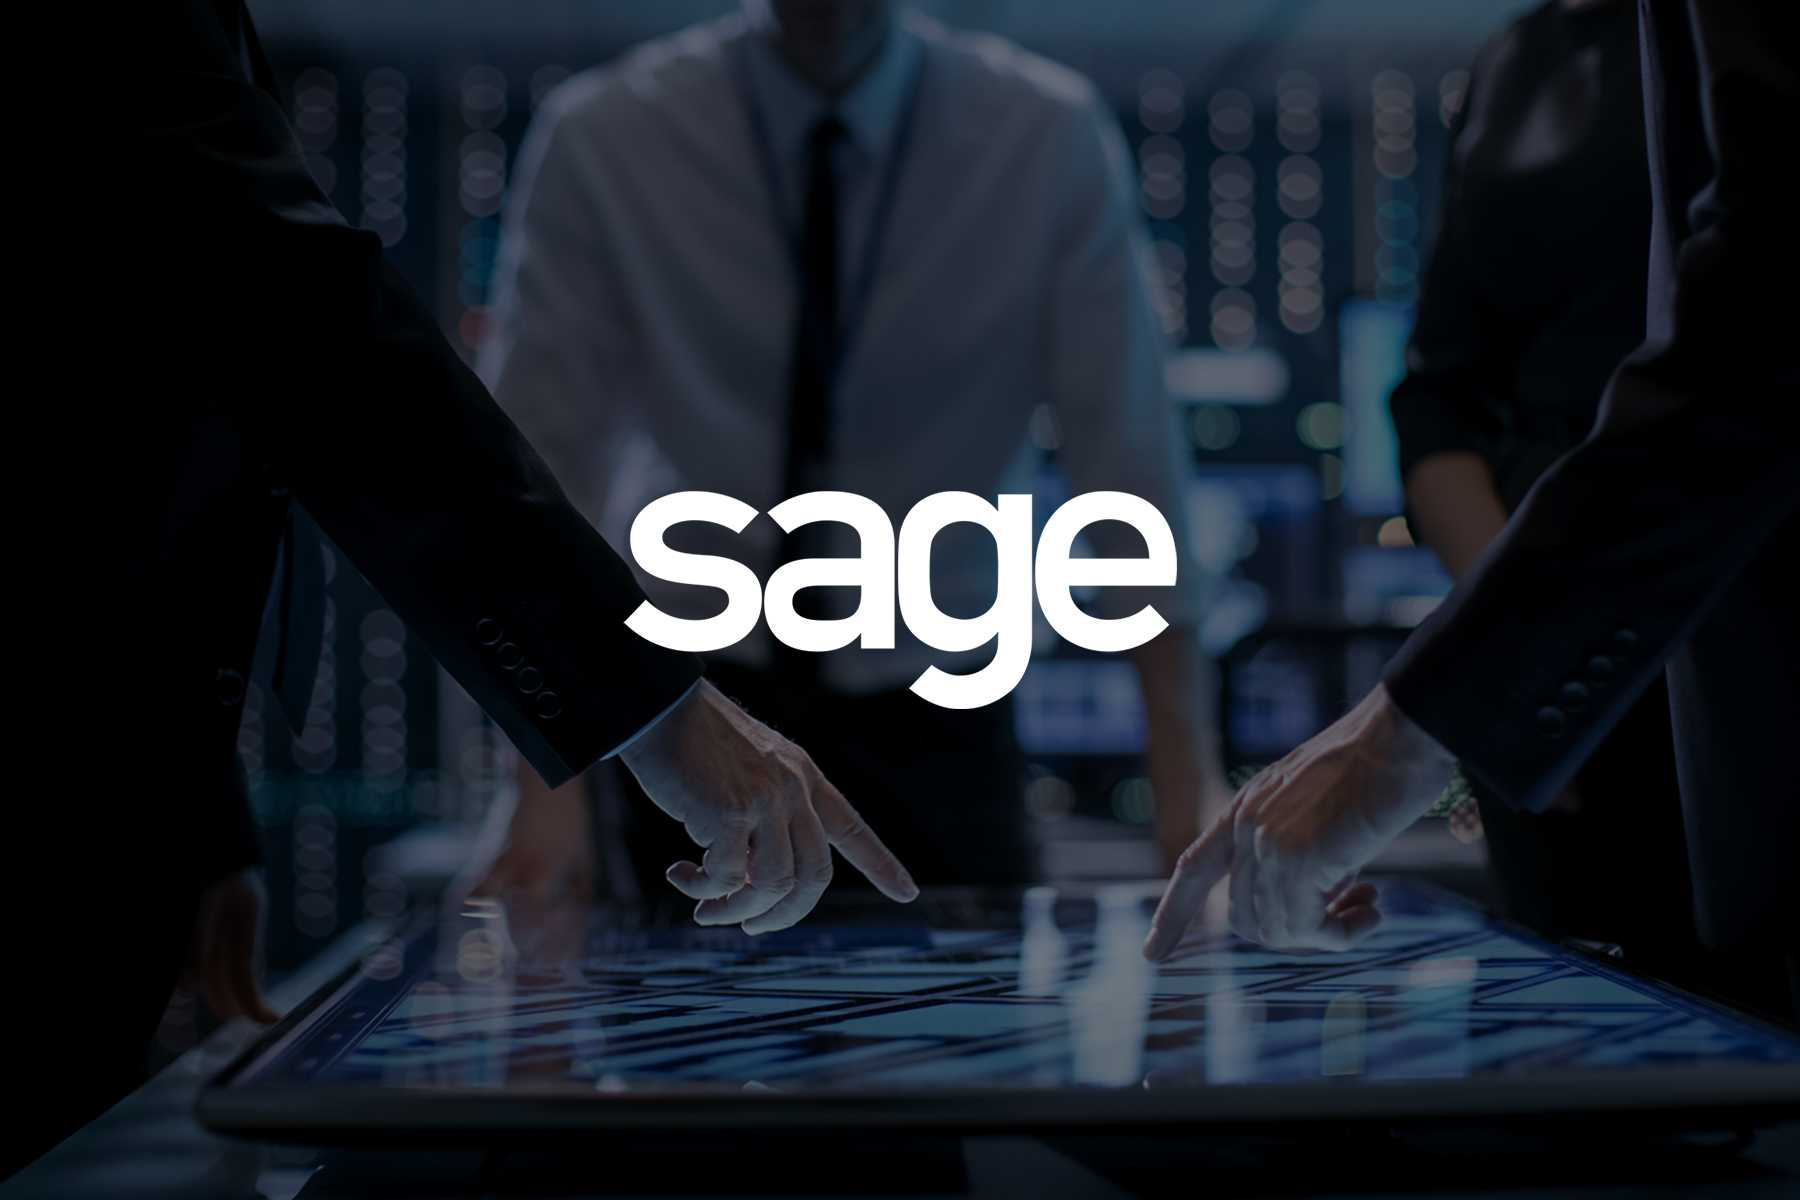 Case: Sage